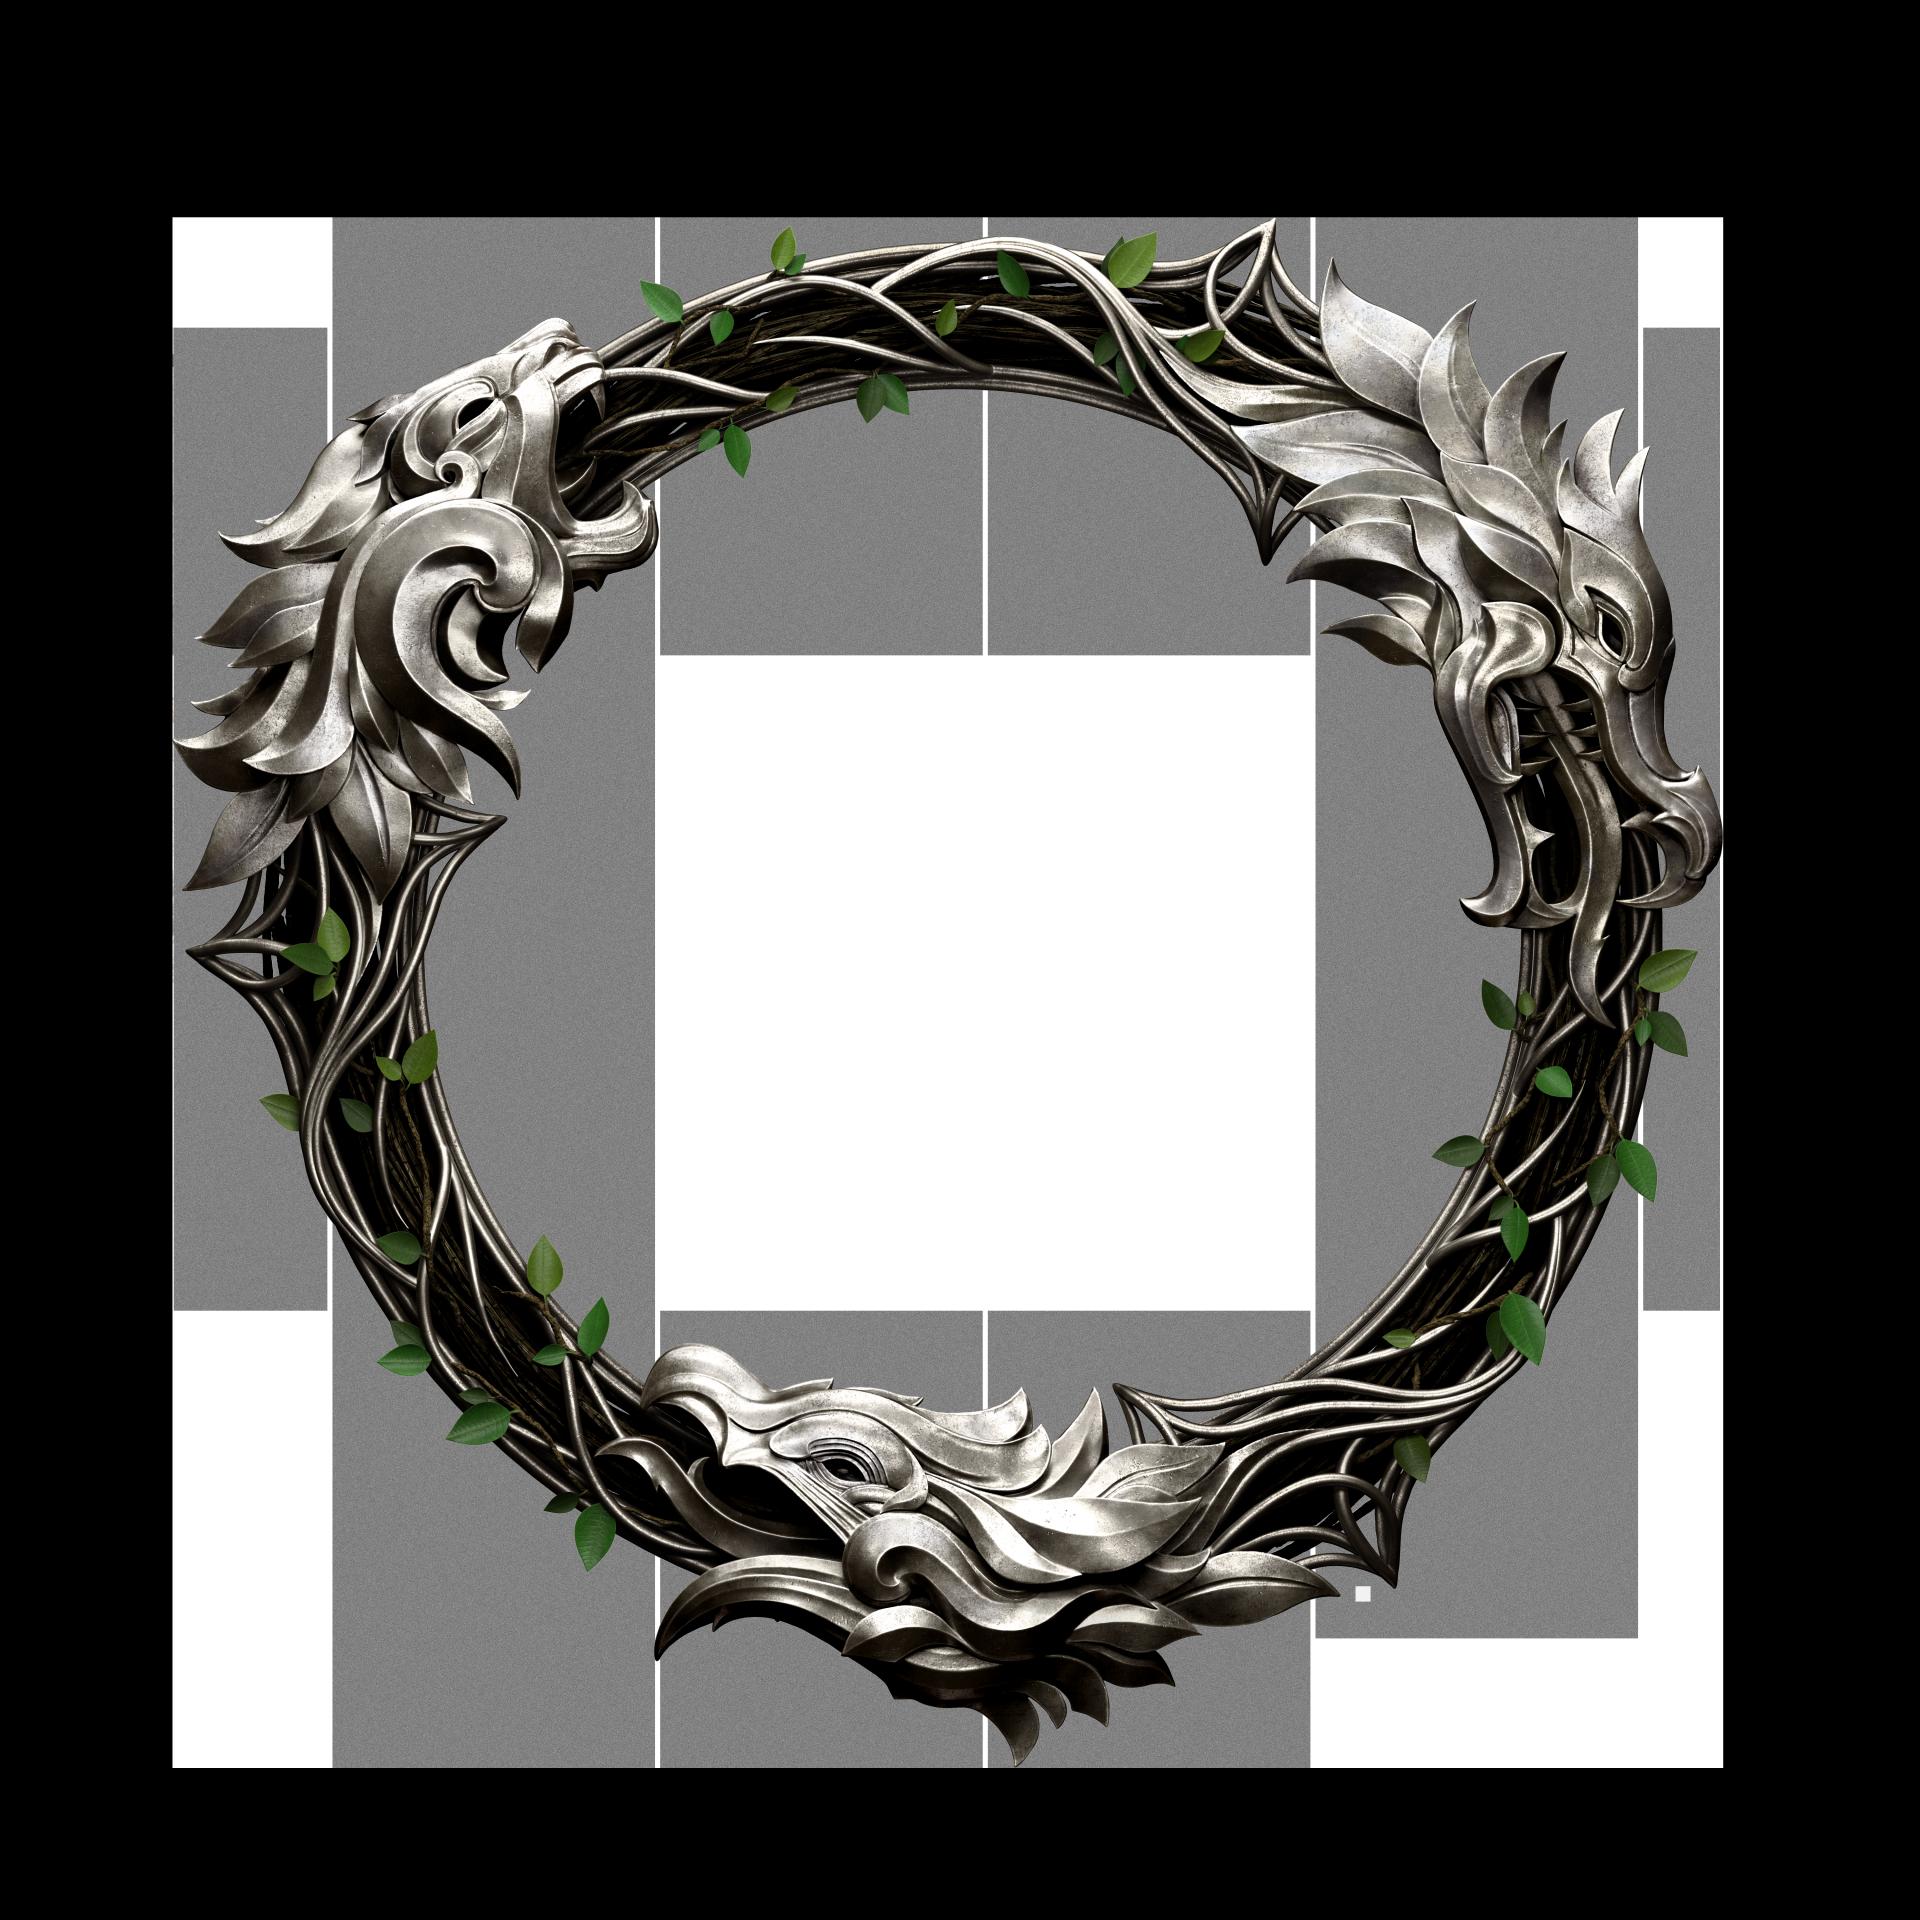 Image Result For The Elder Scrolls Logo Elder Scrolls Online Elder Scrolls Wish